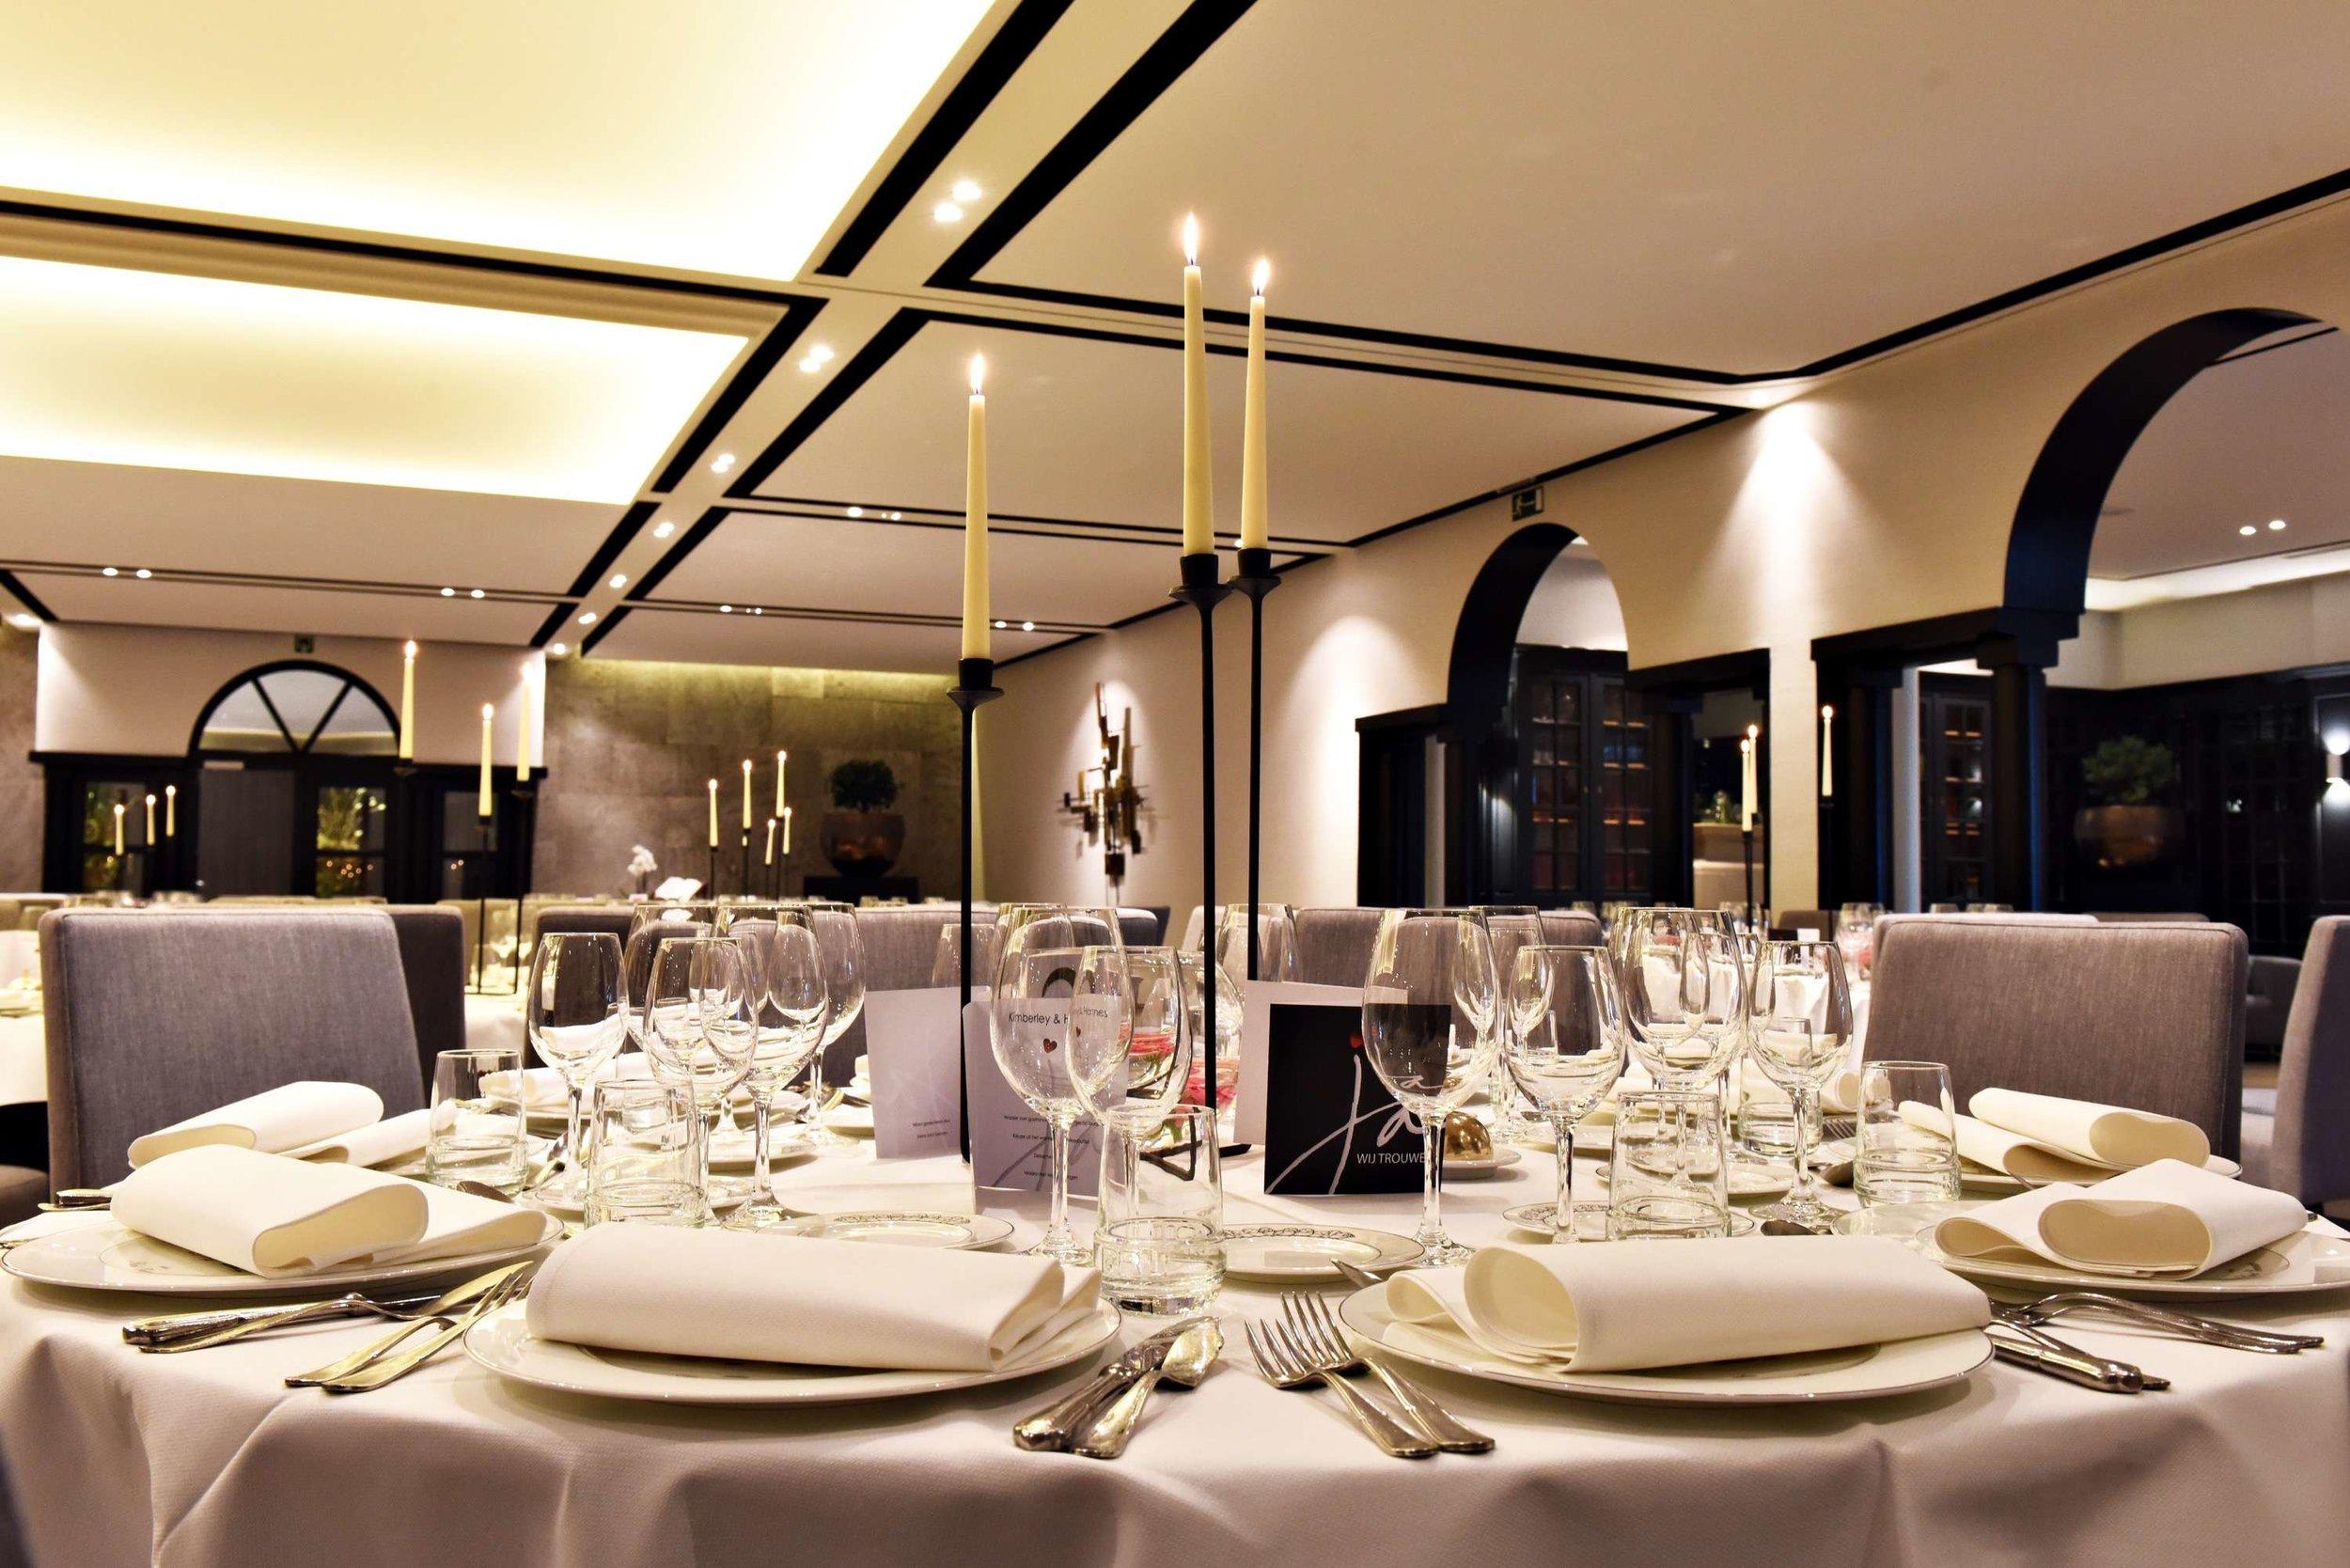 11 terras zaal saint germain feestzaal restaurant ontbijt diksmuide bart albrecht tablefever.jpg